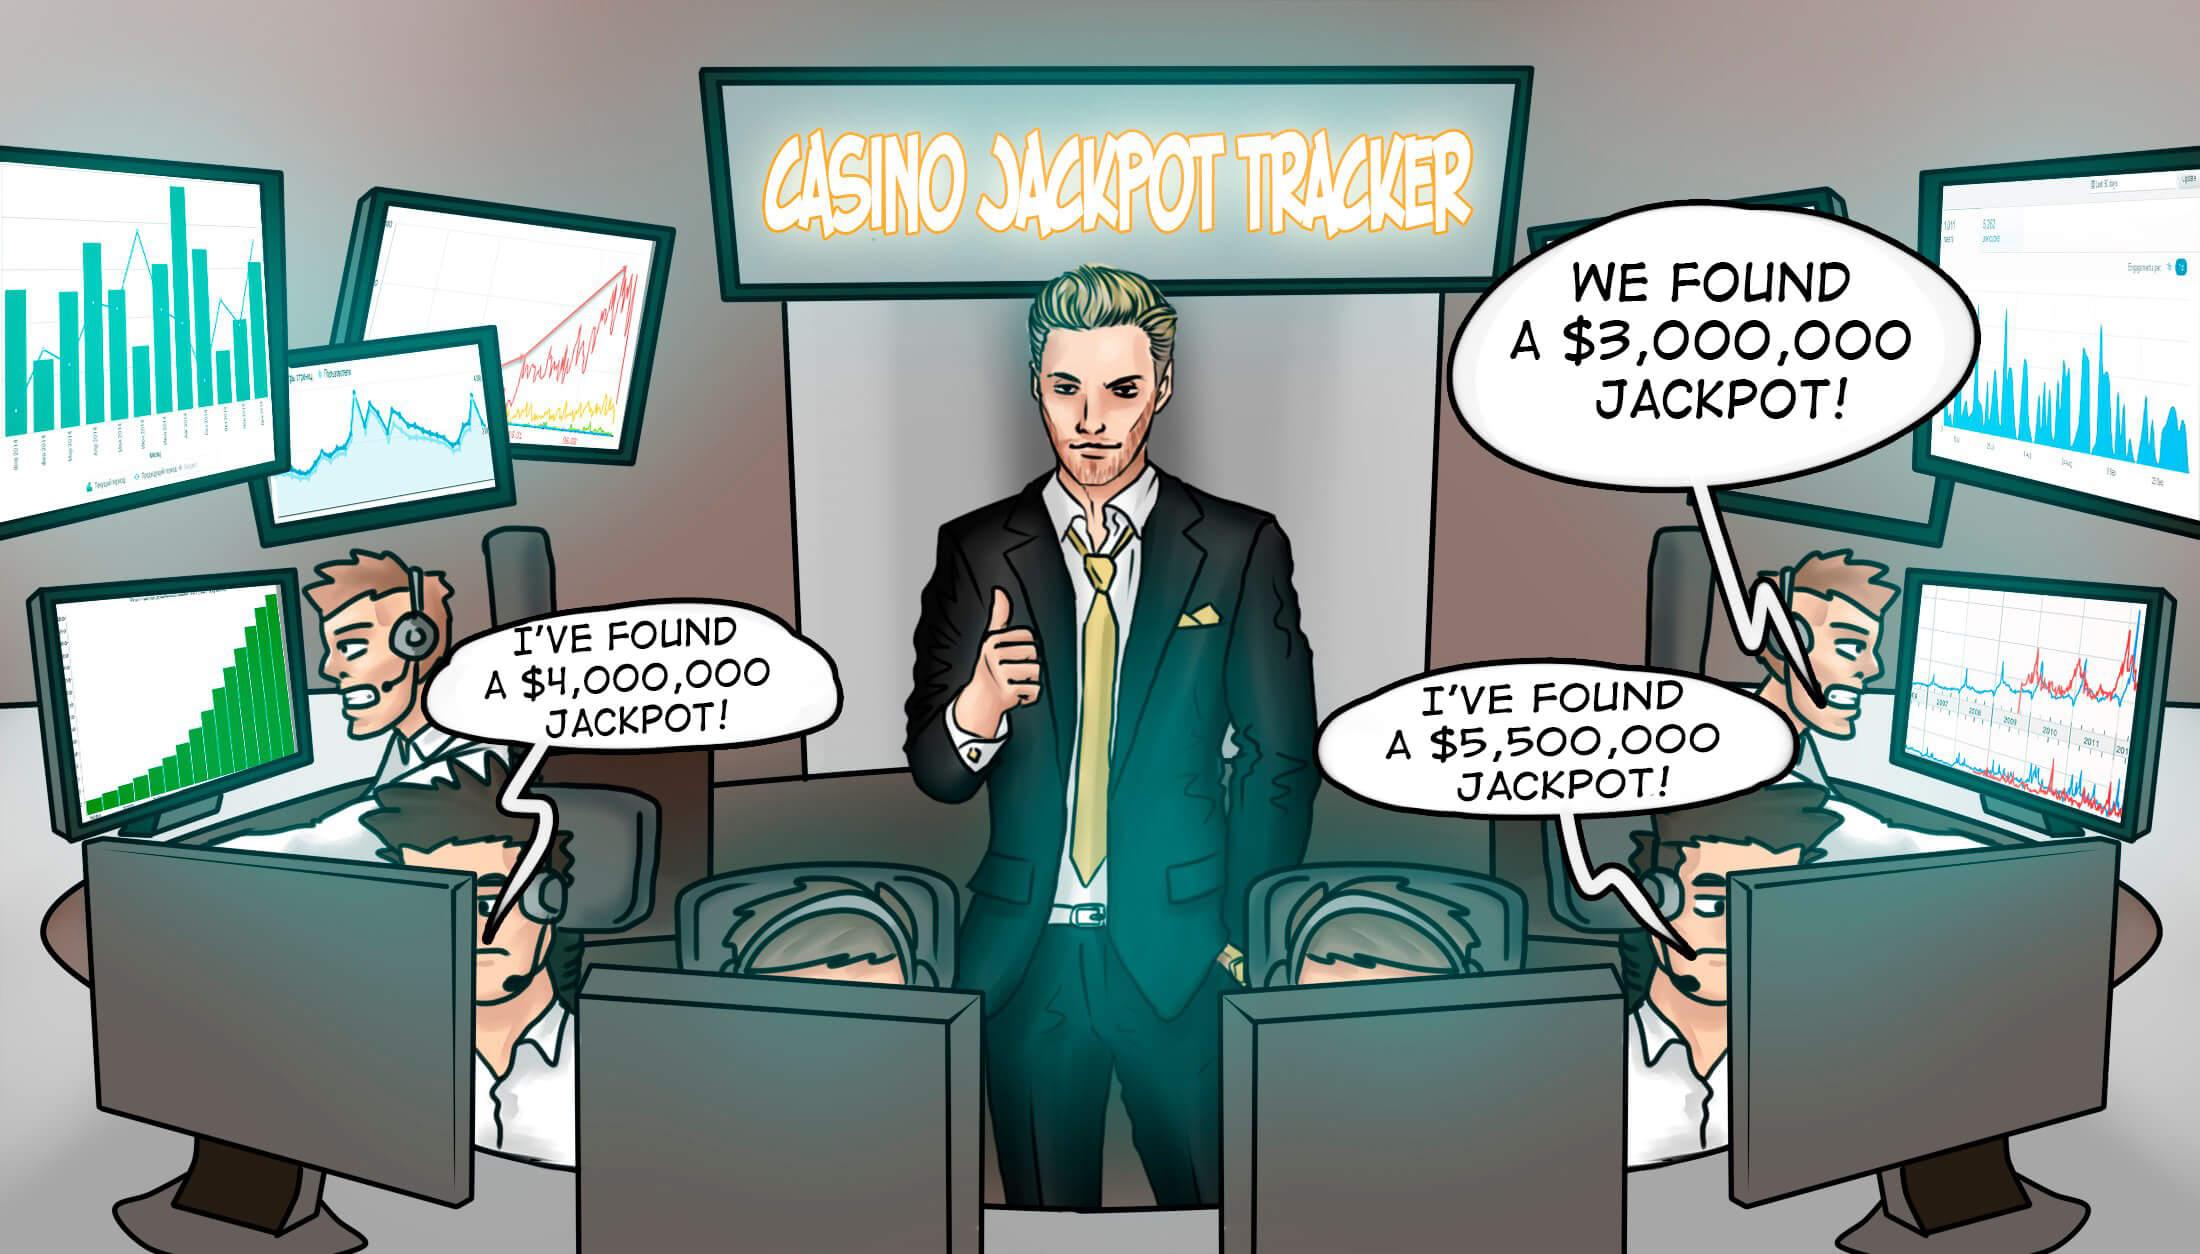 casino_jackpots_tracker